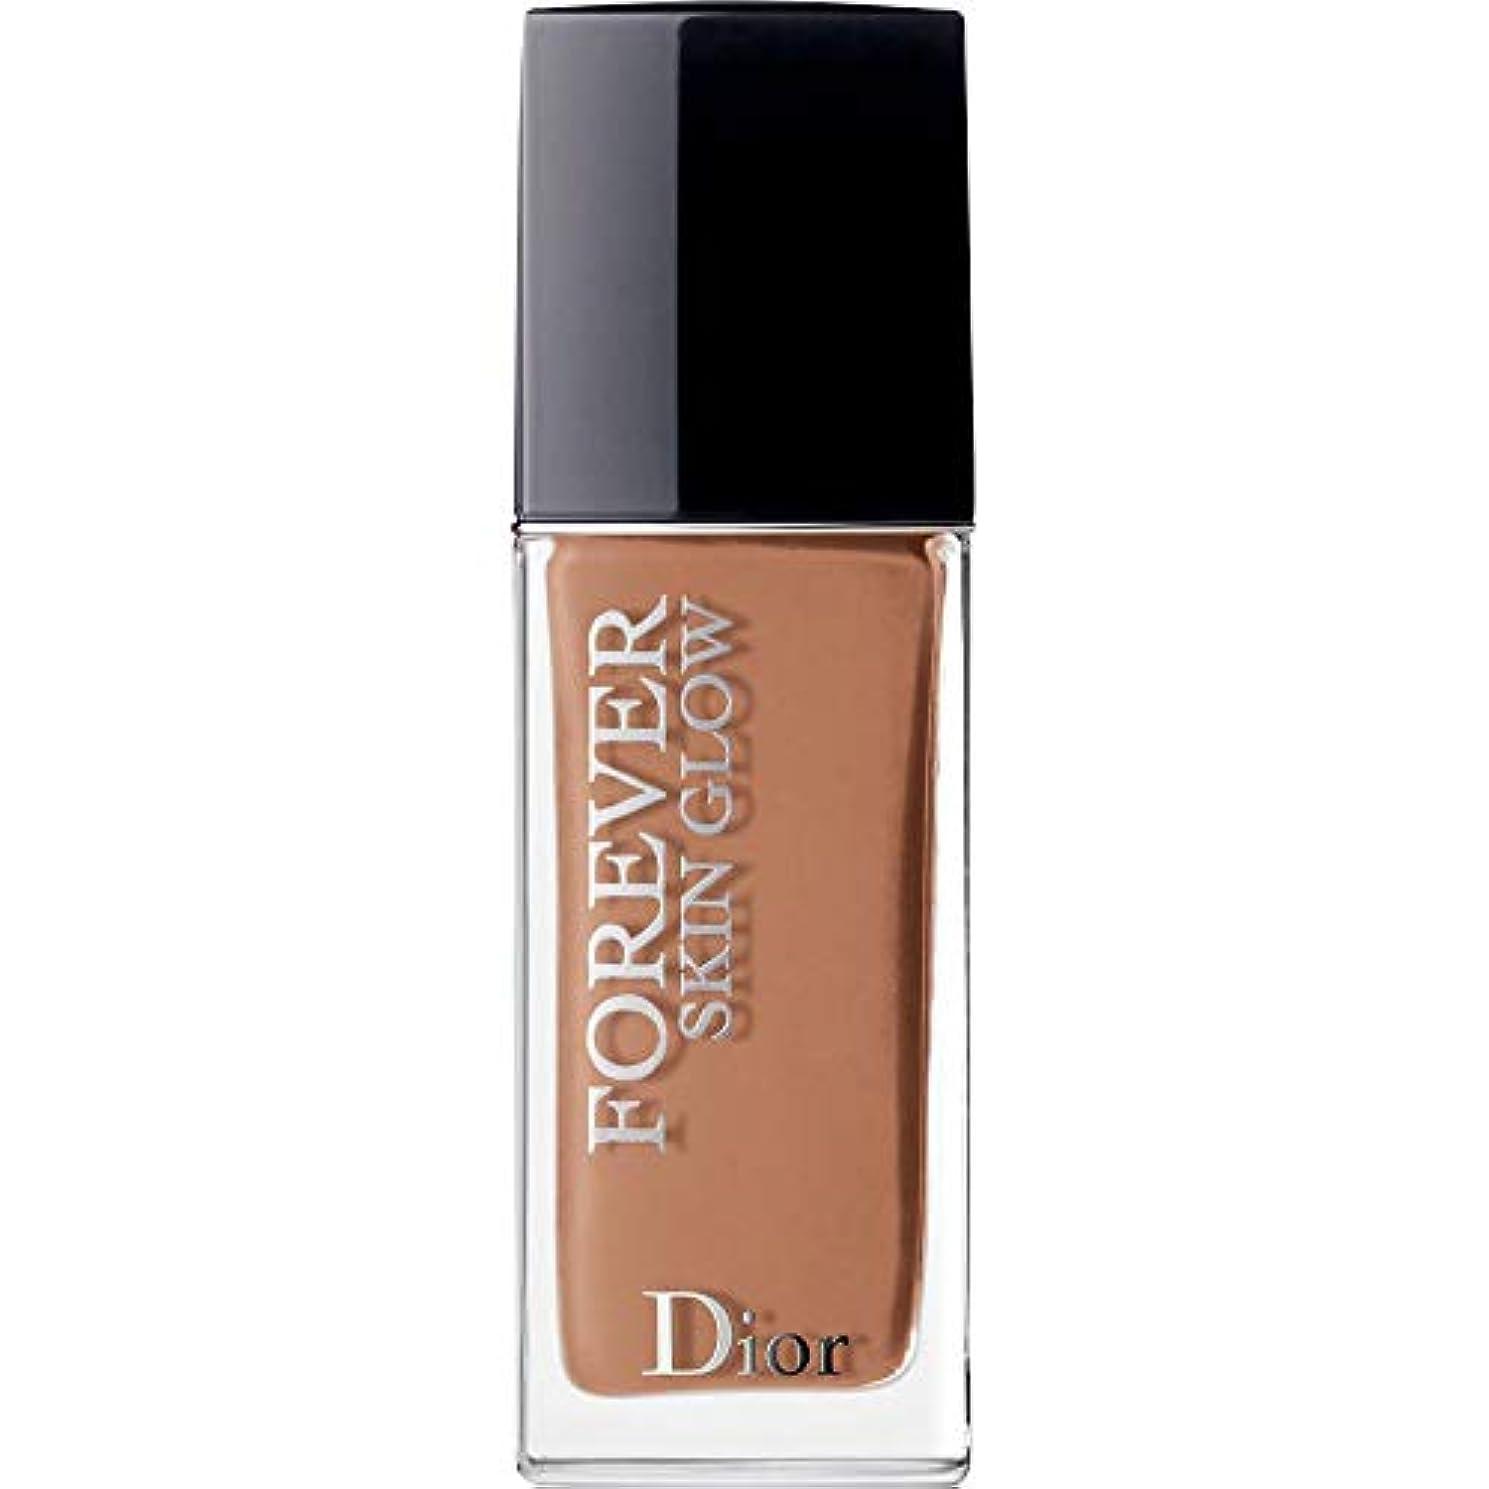 敬意を表して事務所すでに[DIOR] ディオール永遠に皮膚グロー皮膚思いやりの基礎Spf35 30ミリリットルの5N - ニュートラル(肌の輝き) - DIOR Forever Skin Glow Skin-Caring Foundation...